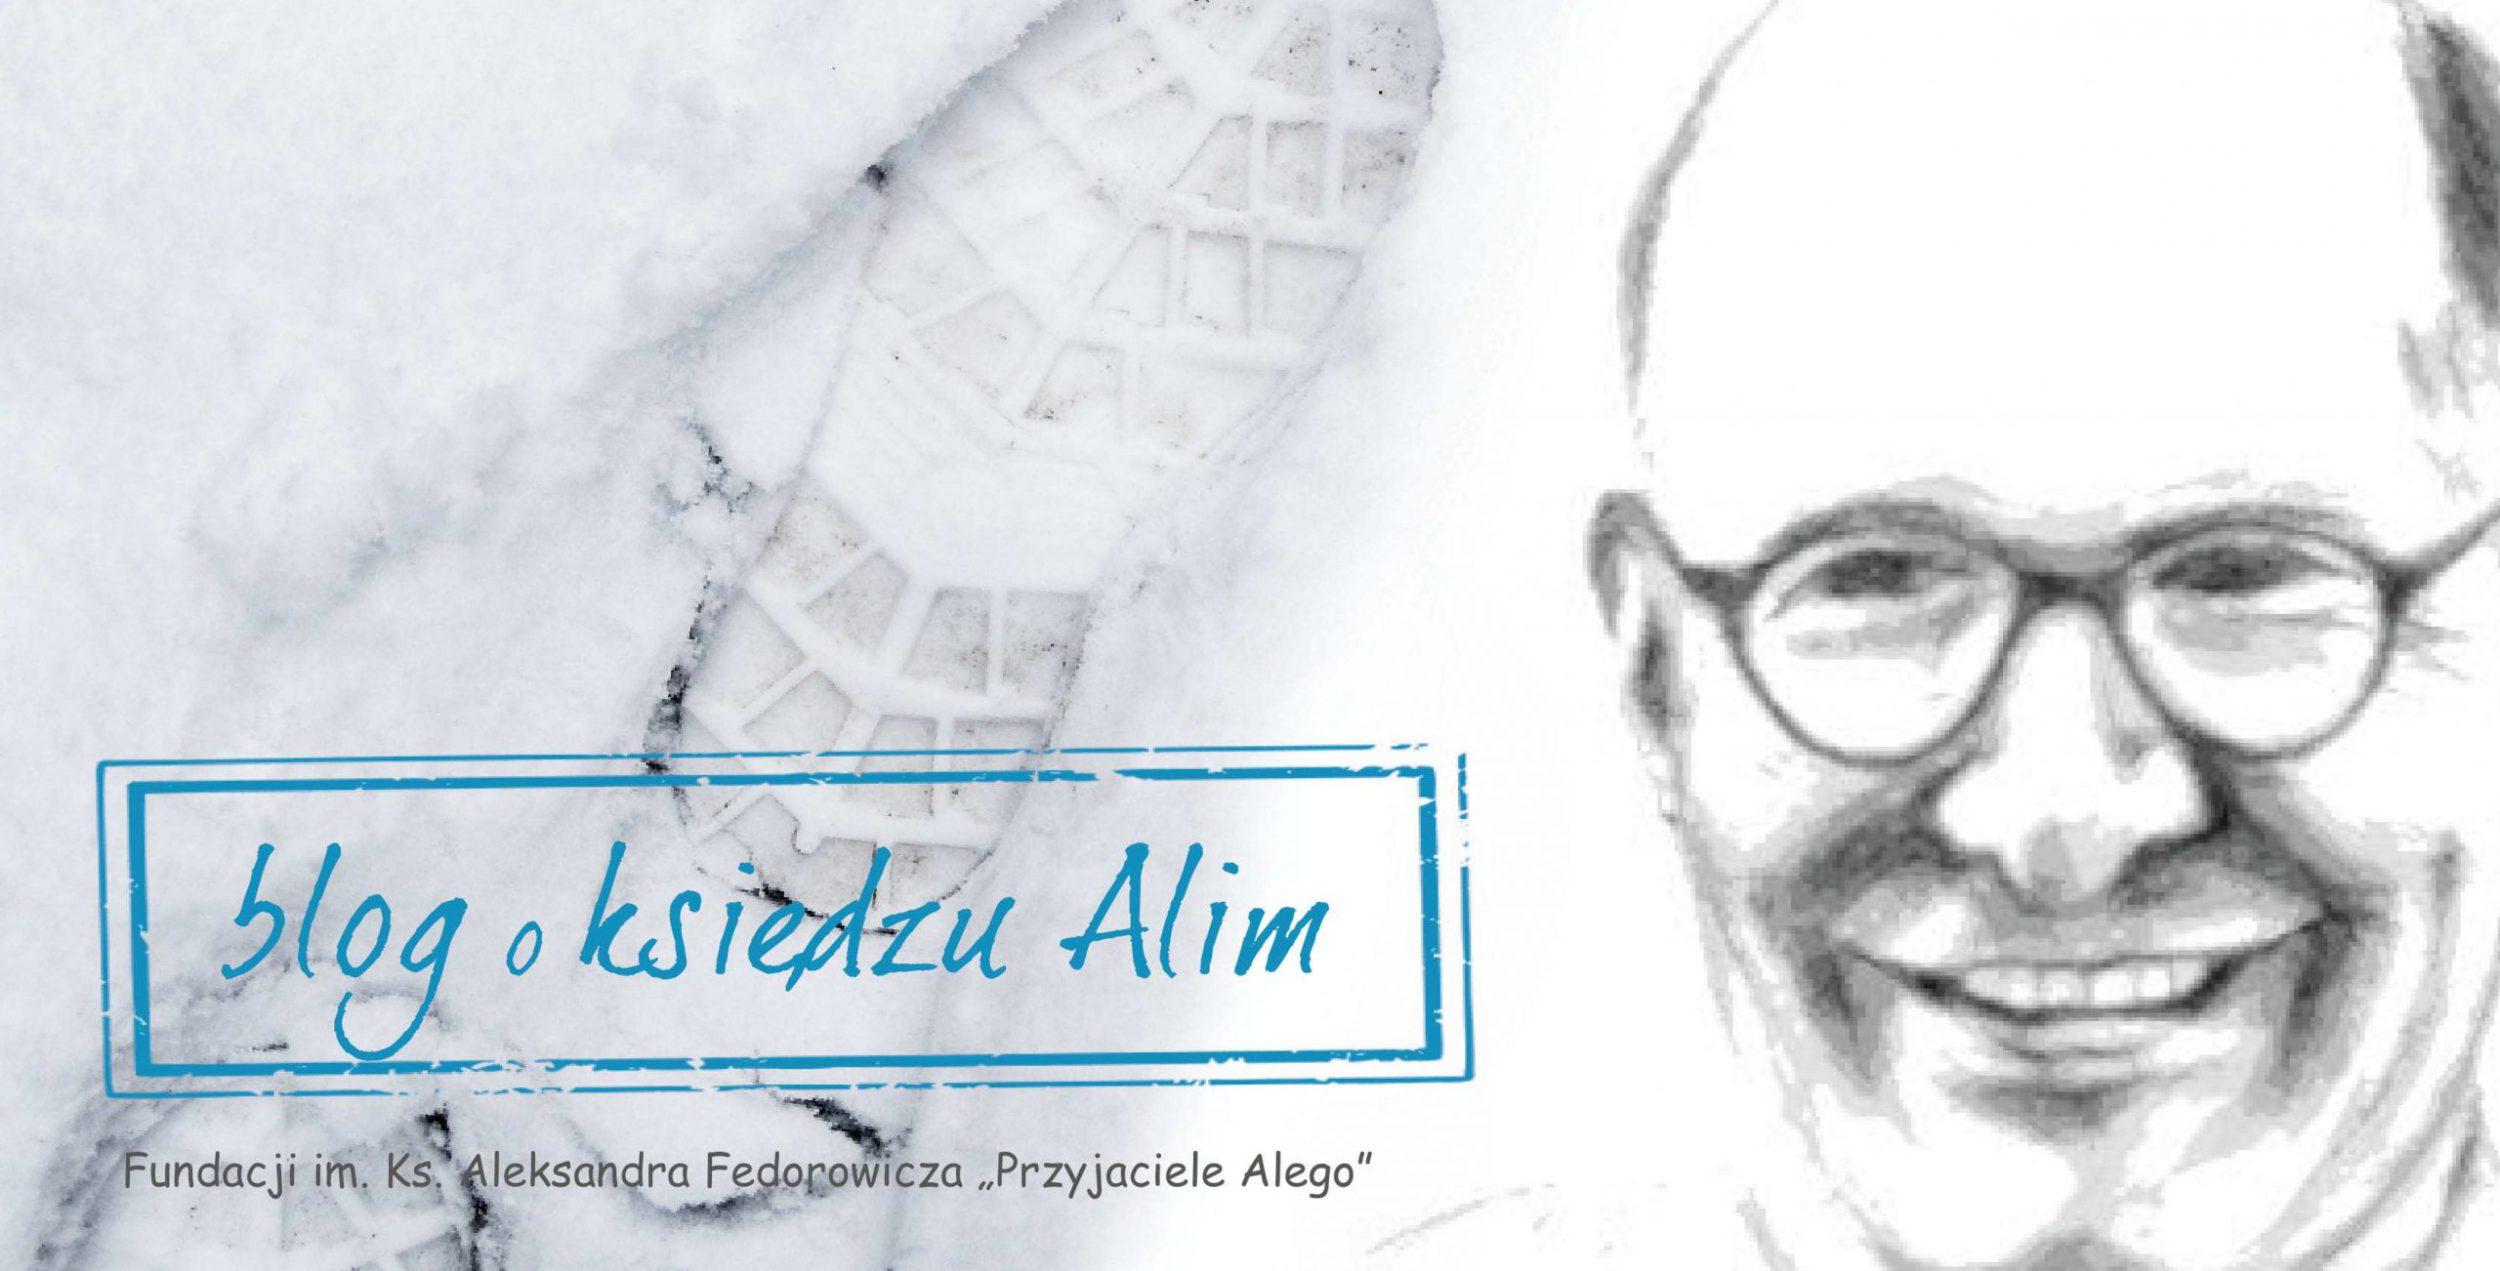 Blog o księdzu Alim